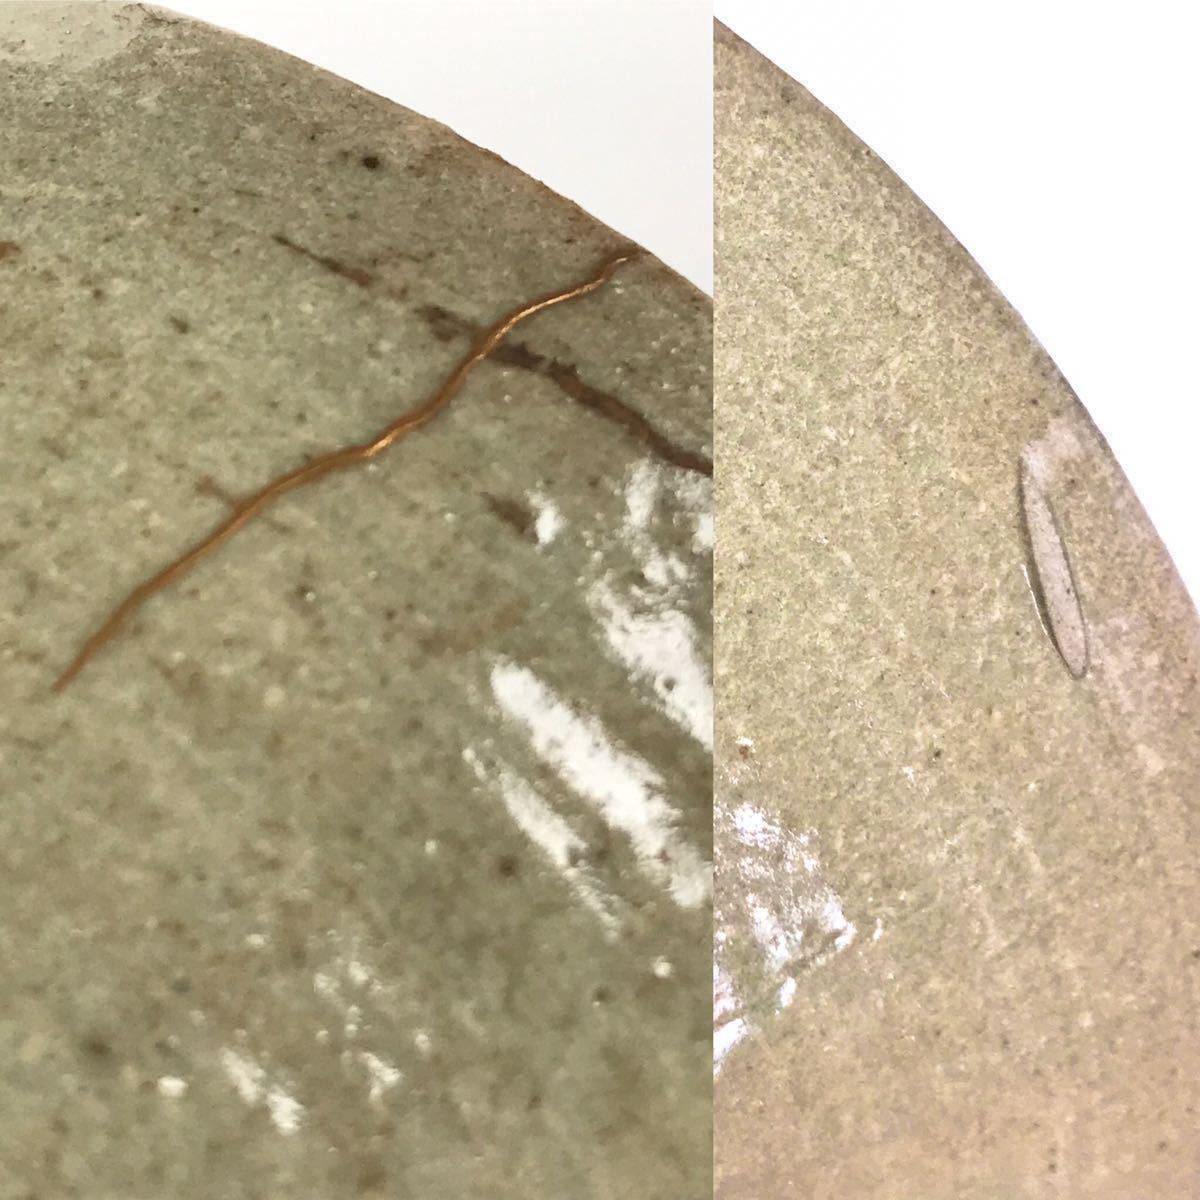 【在庫処分】李朝 灰釉平茶碗 鉢 李朝前期 16世紀 時代、本物保証 縁に金継ぎ直し、ひっつきがあります 箱なし_縁の外側に金継ぎ直し、ひっつきがあります